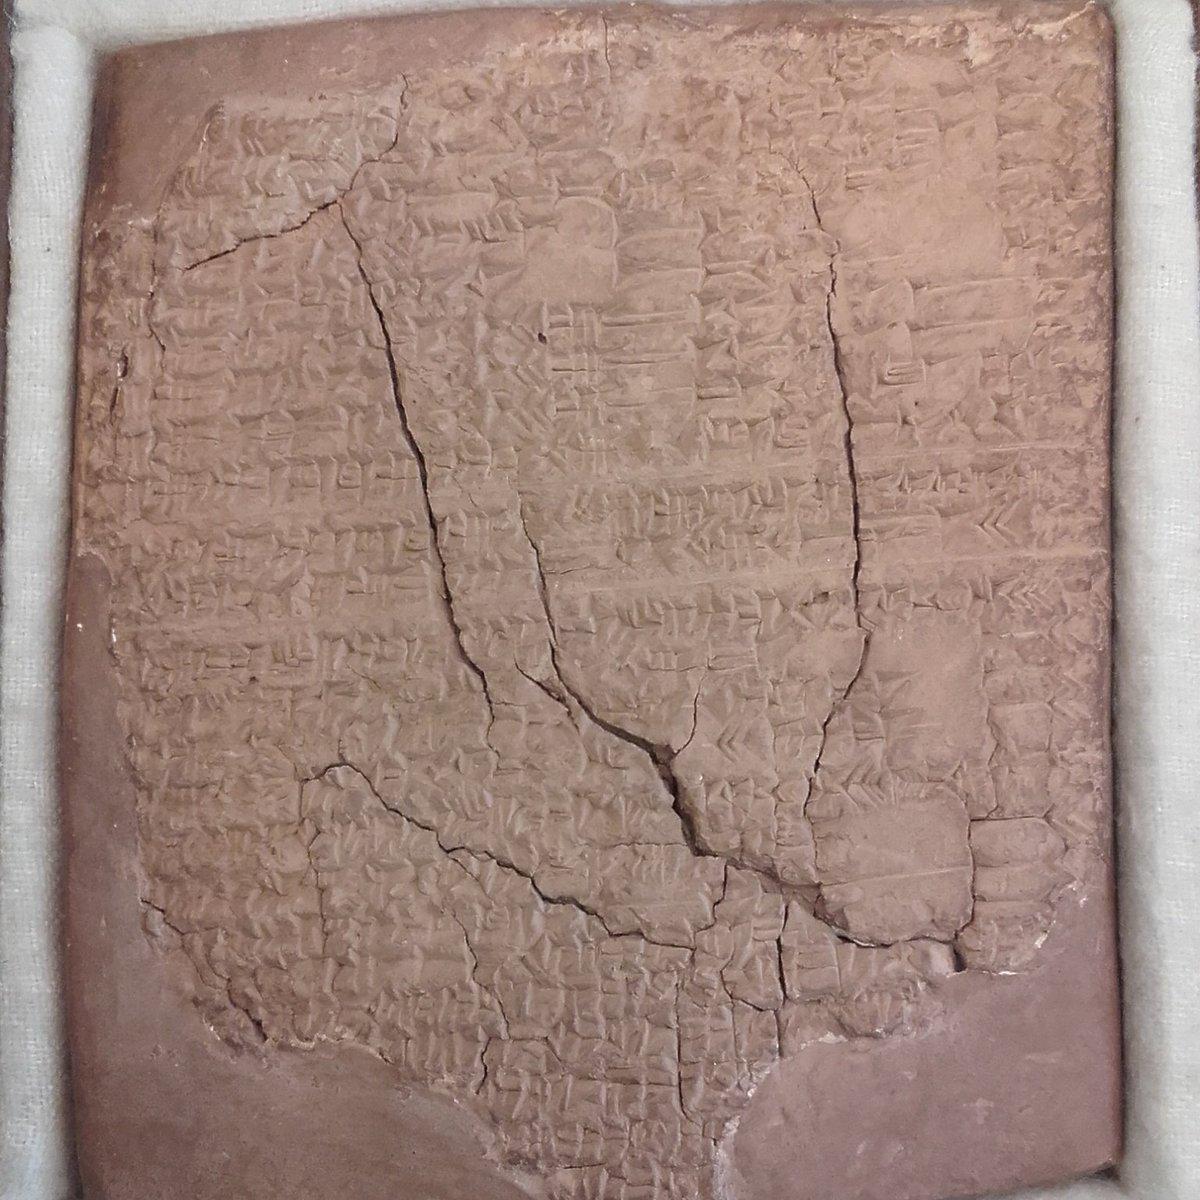 Tablette d&#39;argile assyrienne: il s&#39;agit d&#39;un extrait d&#39;un traité de médecine d&#39;environ 700 avant JC !  #oslerlibrary #histmed #treasures <br>http://pic.twitter.com/LDDDmEIIYk